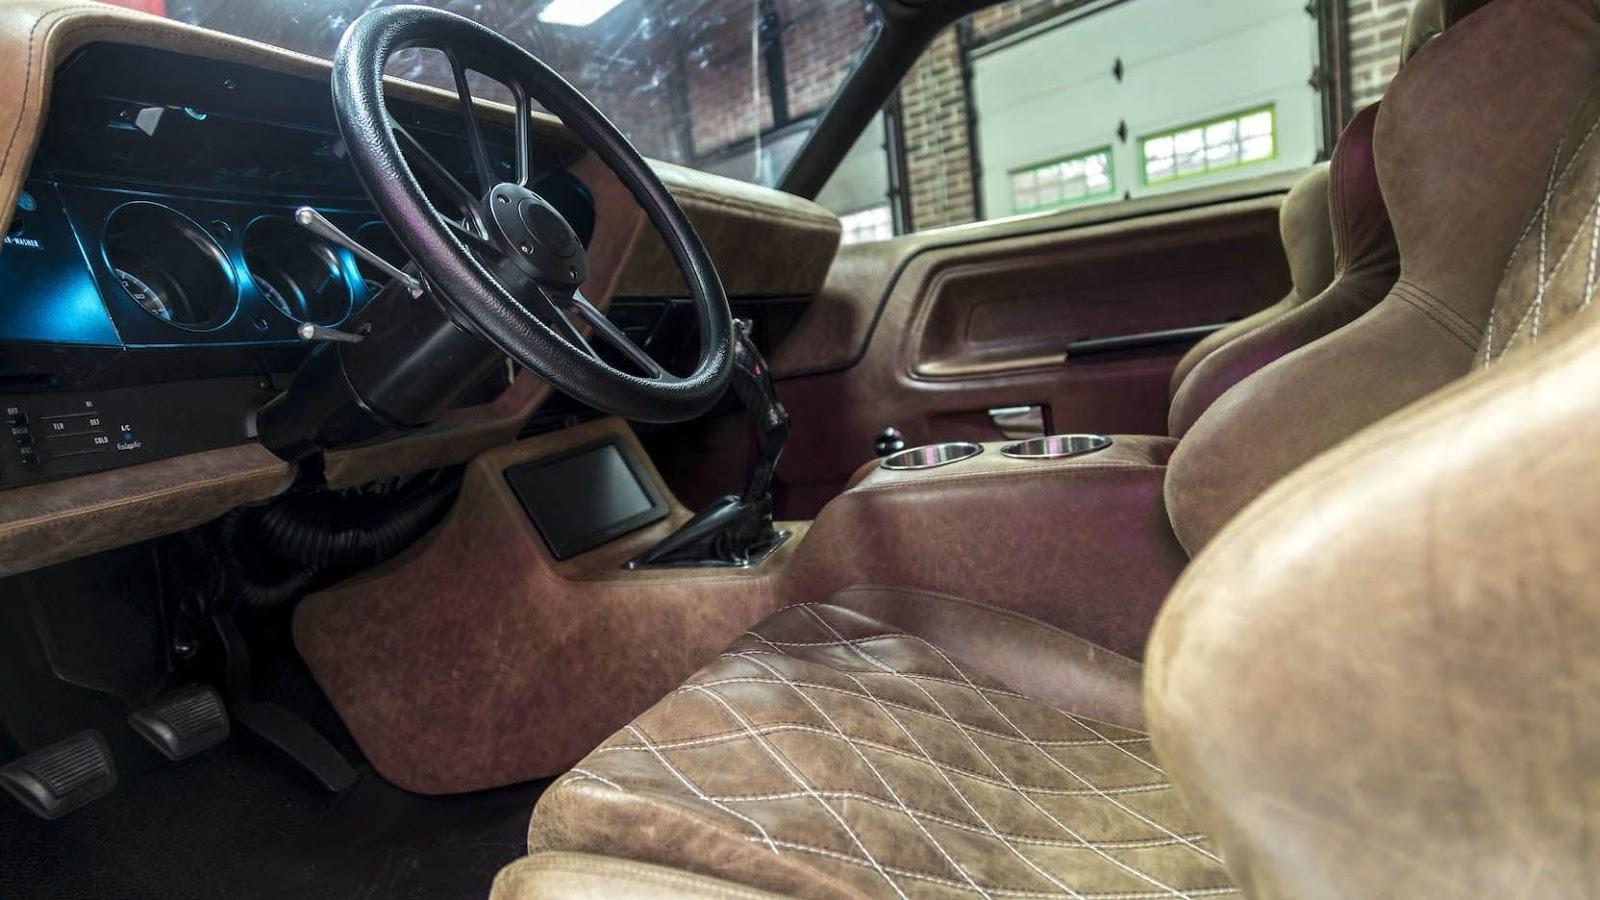 1970 Dodge Challenger Super Cat - MS+ BLOG